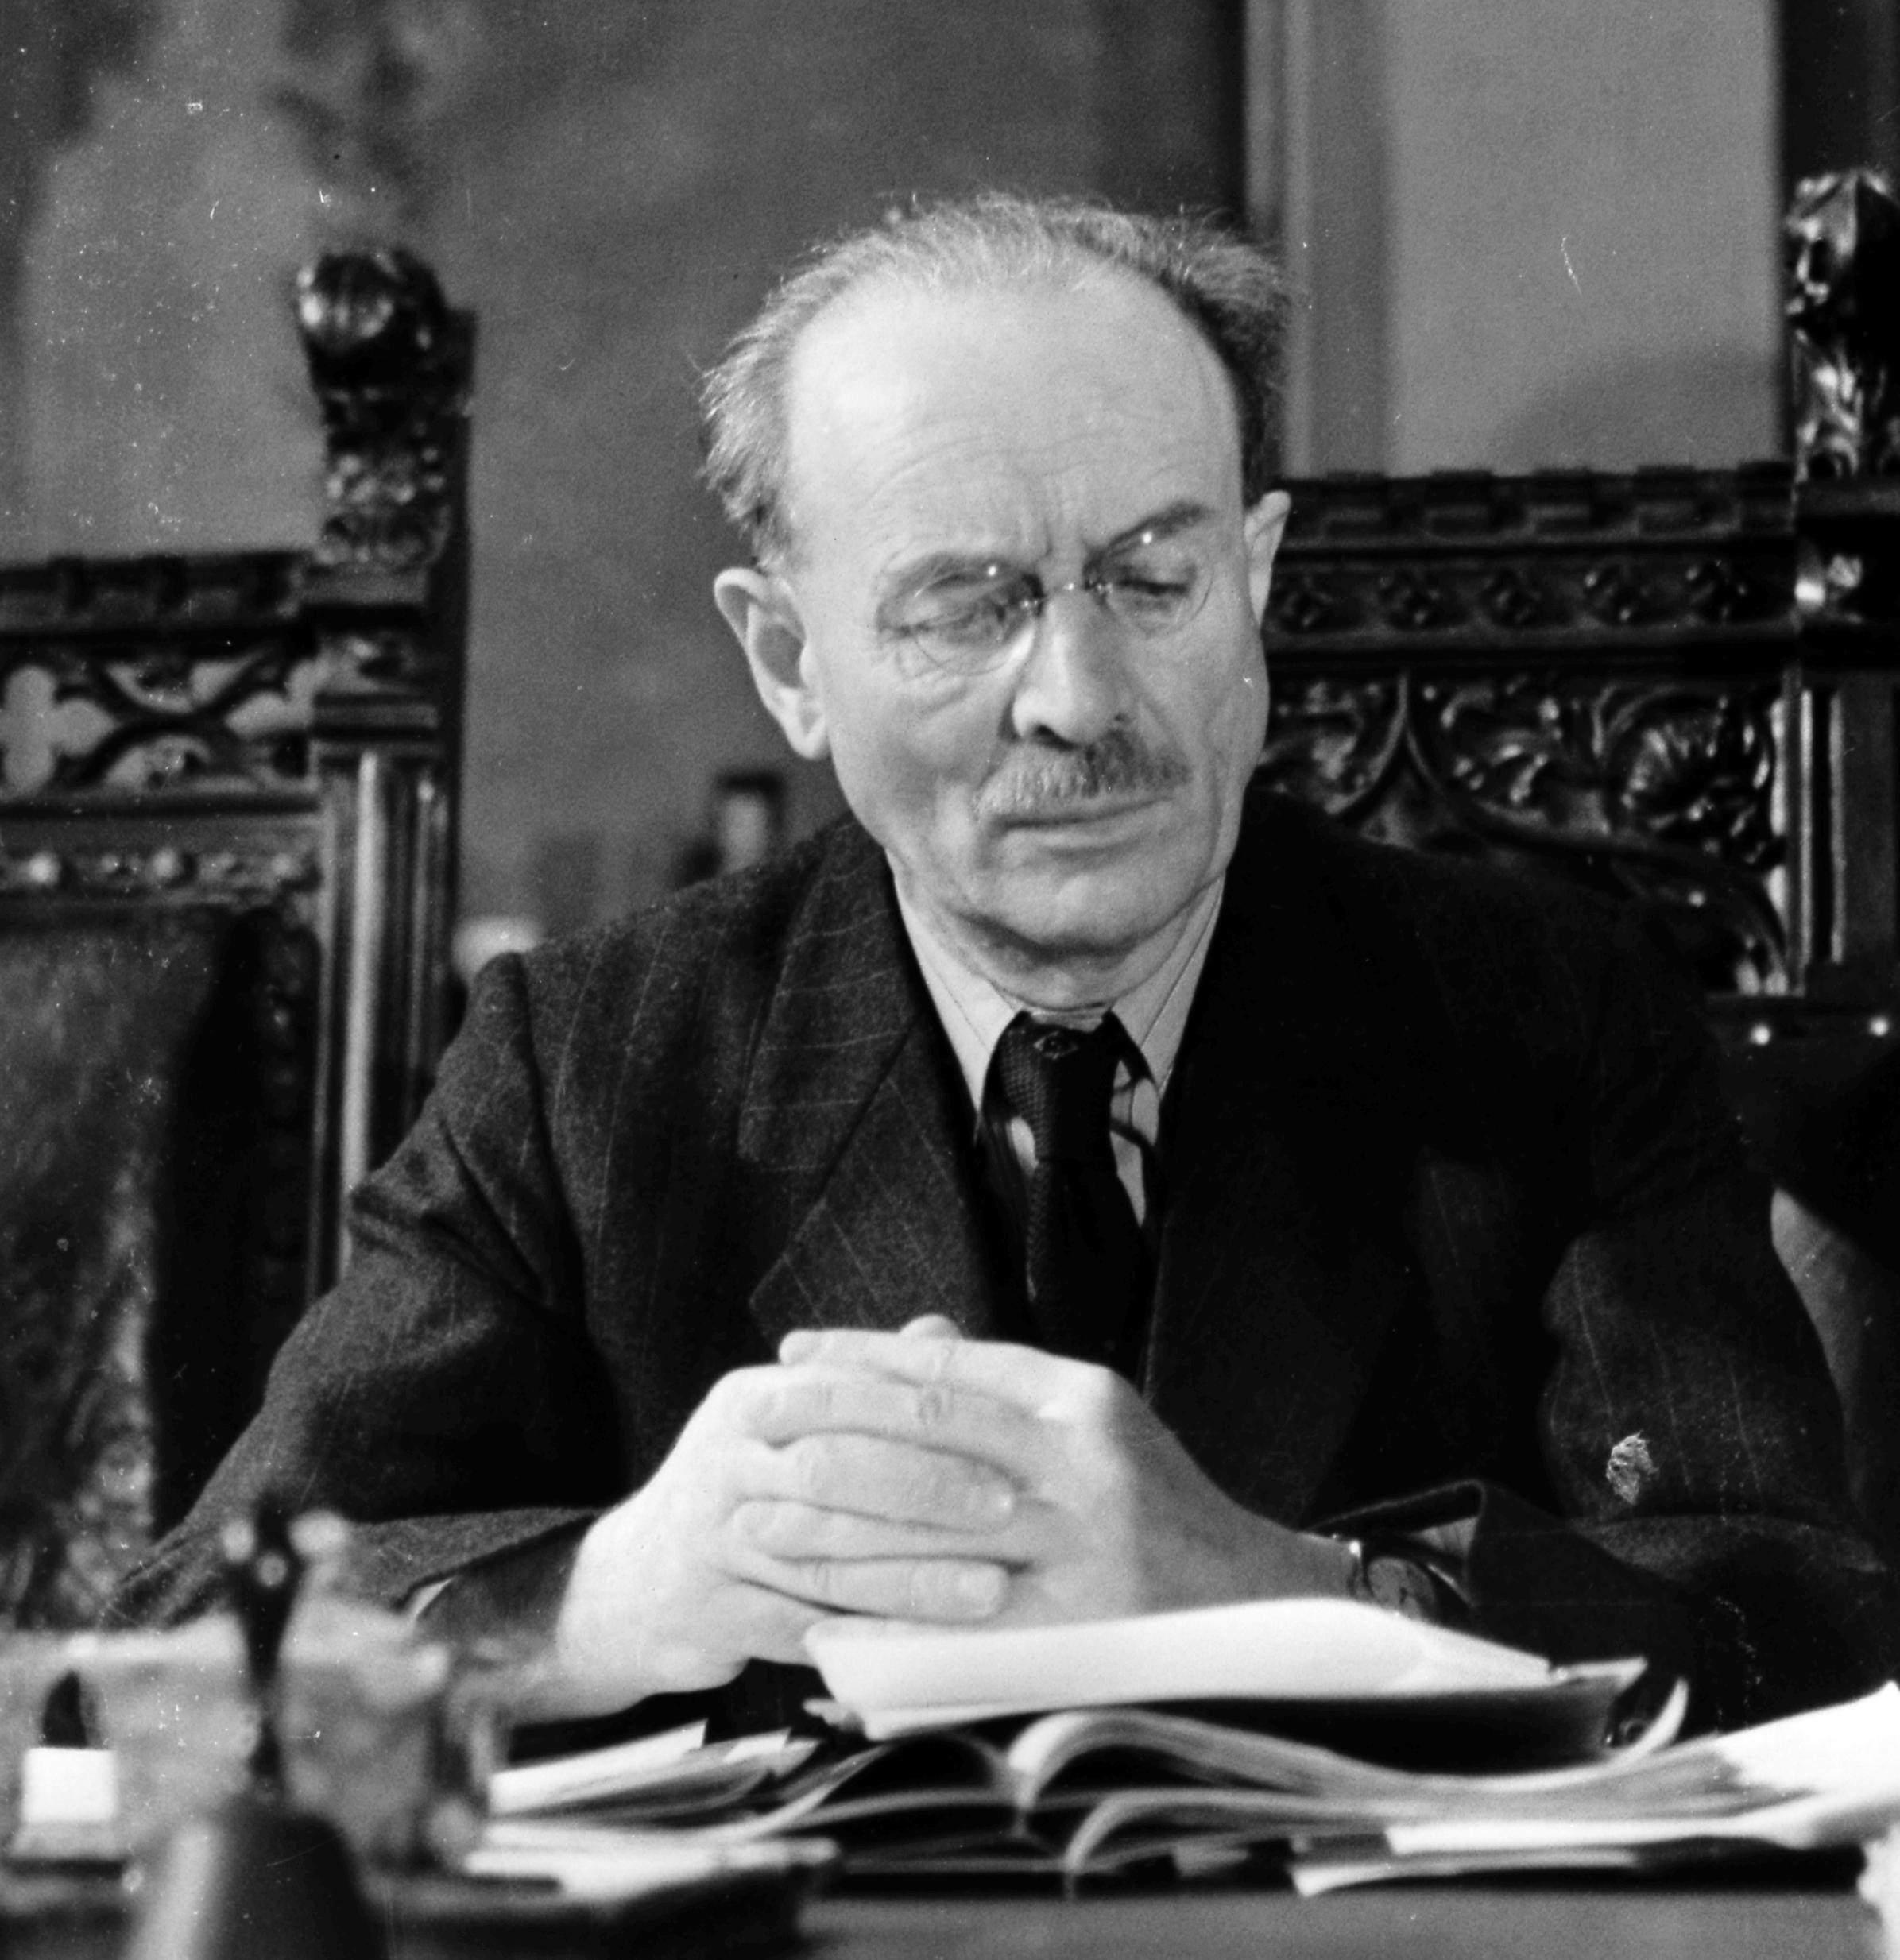 Ministerpräsident Wilhelm Hoegner von der SPD sitzt am Schreibtisch. Er blickt auf die vor ihm liegende Verfassung von 1946